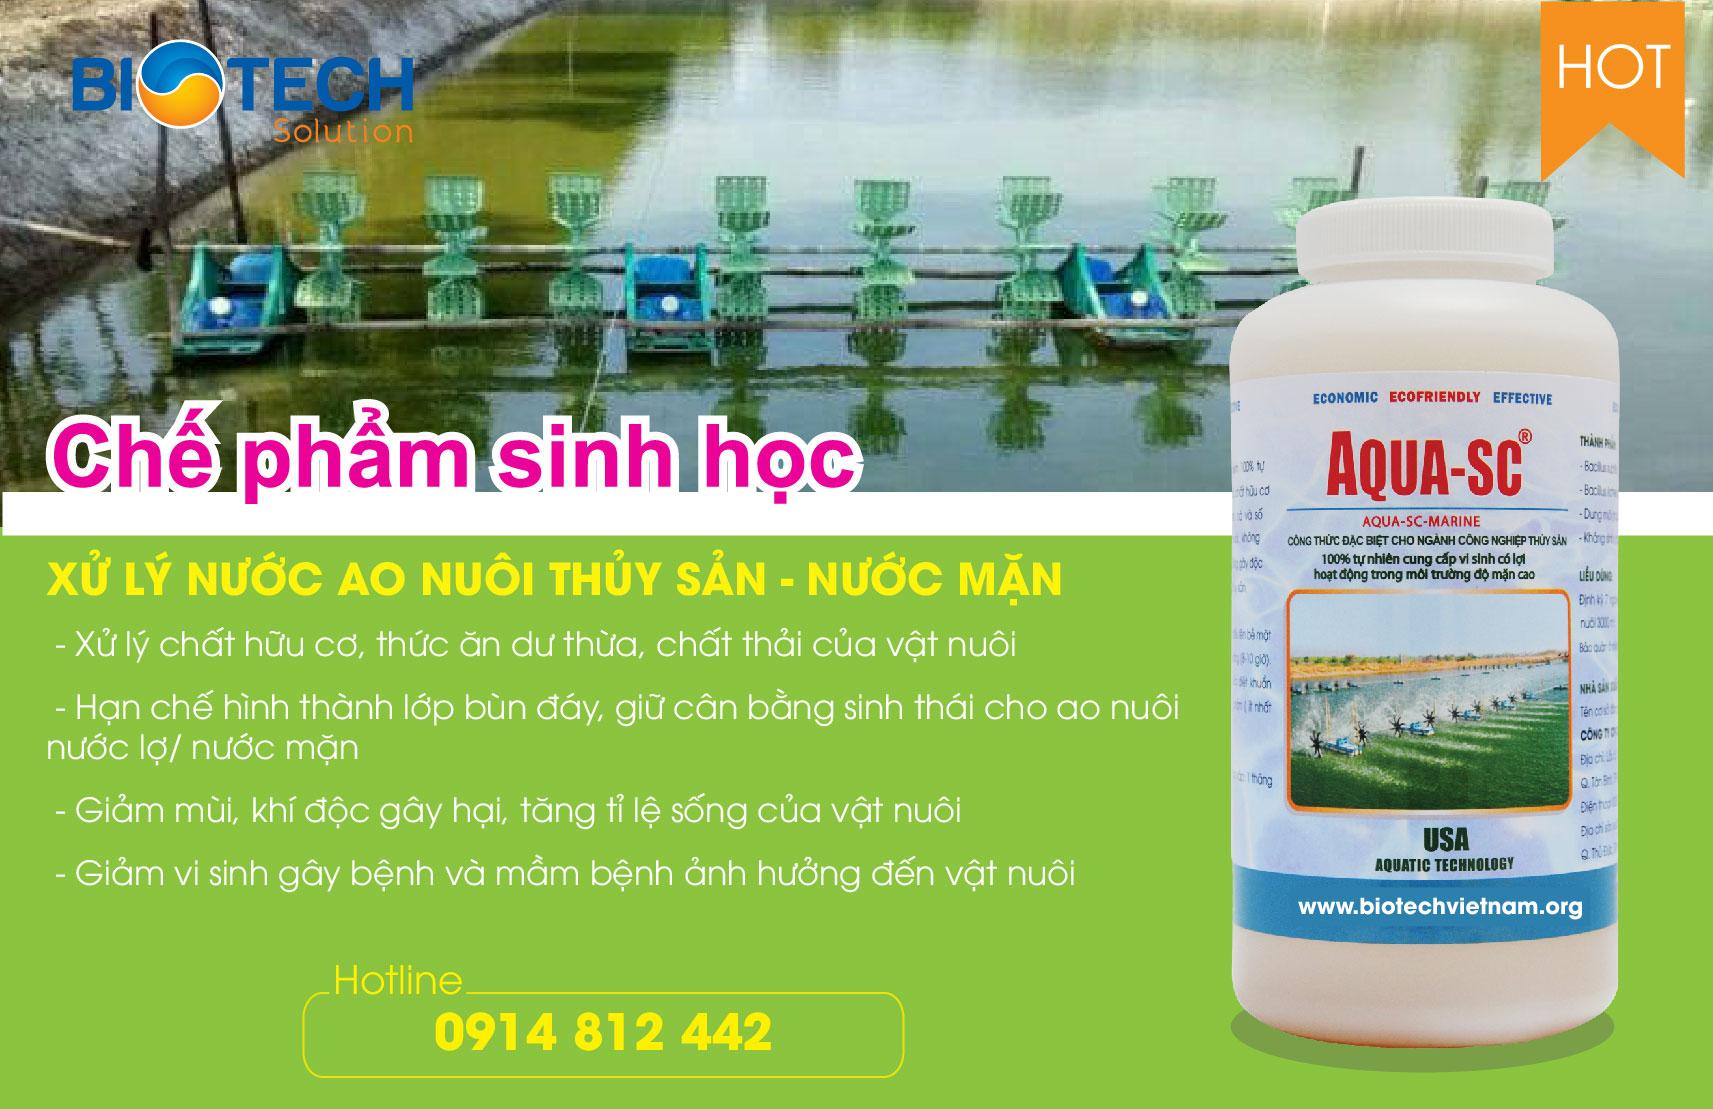 AQUA-SC-MARINE - Vi sinh xử lý nước ao nuôi thủy sản - nước mặn